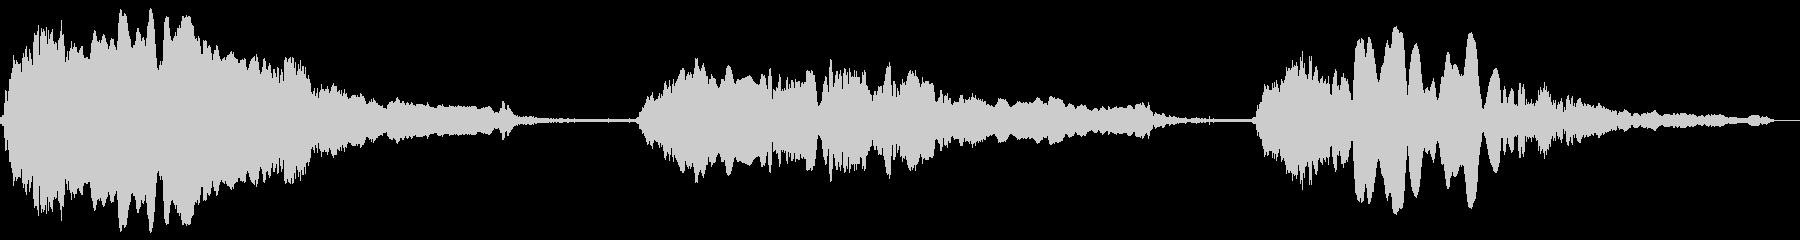 オオカミの遠lingえx3の未再生の波形